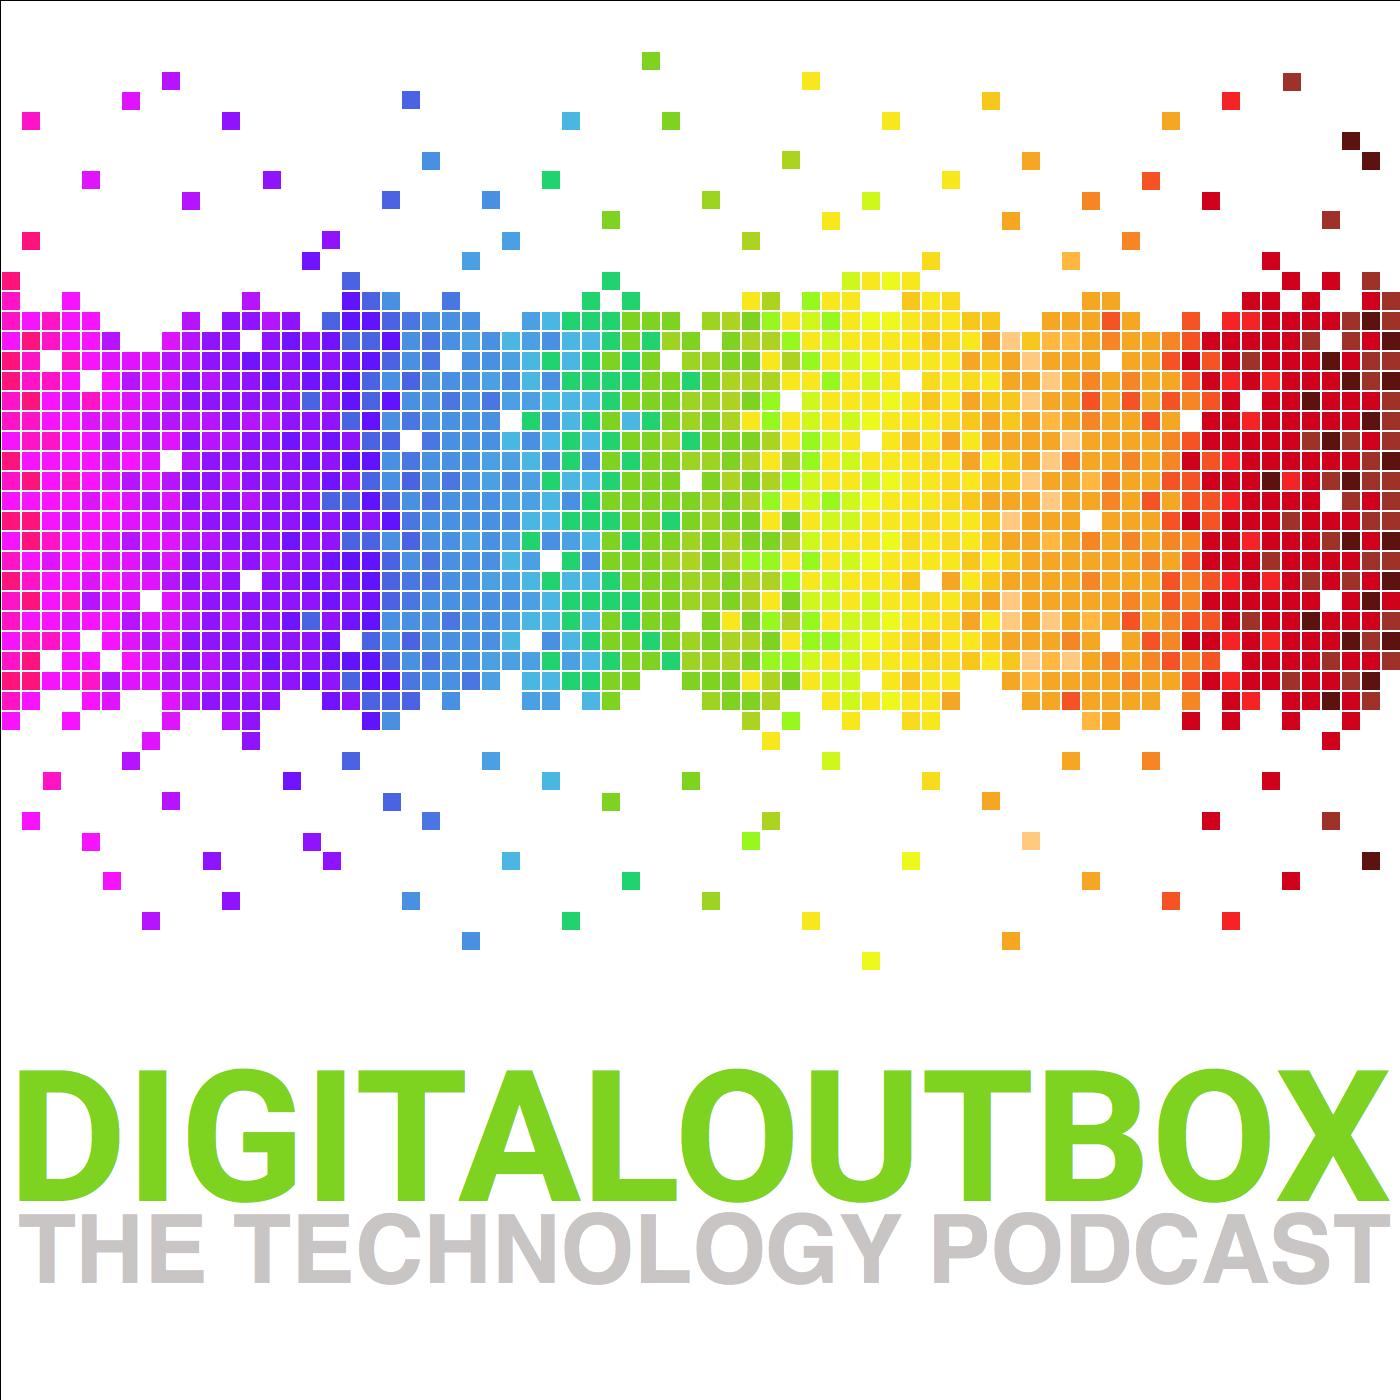 DigitalOutbox